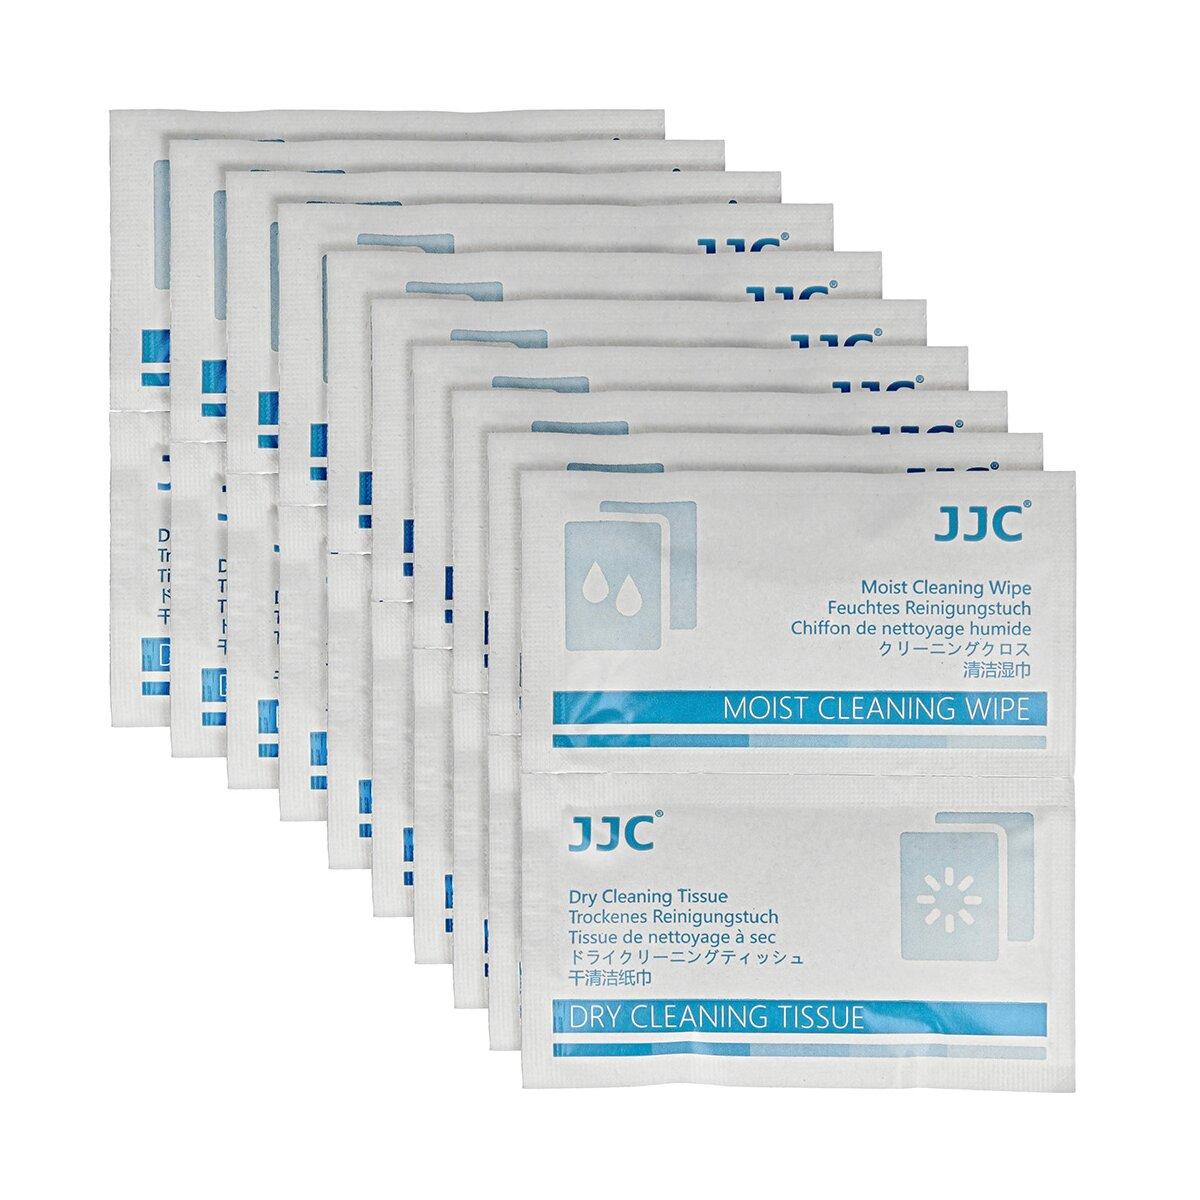 JJC Reinigungstücher für Objektivlinsen   Einweg-Reinigungstücher-Kits für Objektive, Filter, Linsen, Display   10 feuchte und trockene, nichtalkoholische Reinigungstücher